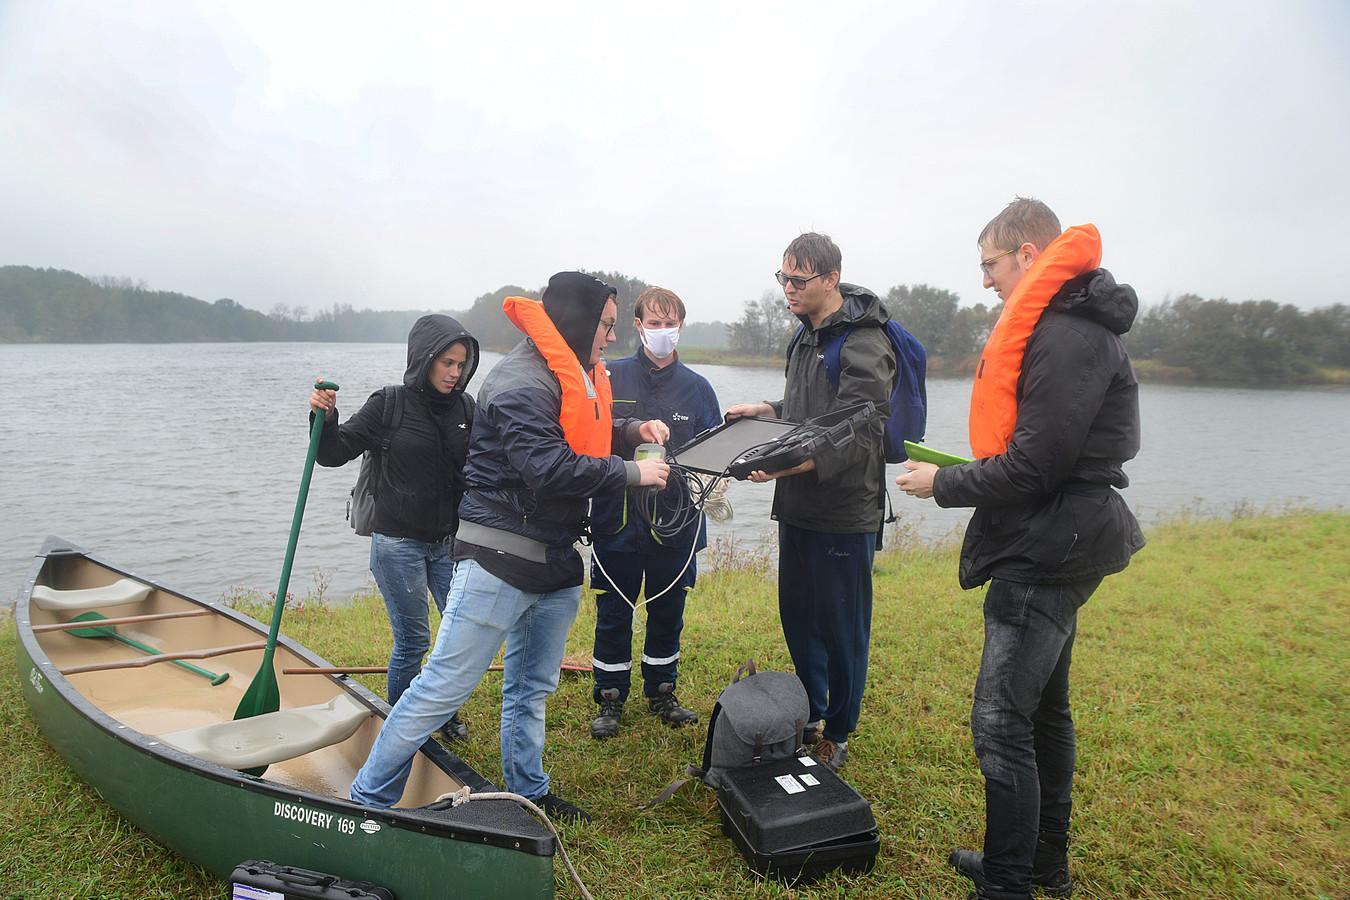 Jur Bosschaart, Laila Conti, David de Boer, Sven Jumelet en Jochem van Beek van HZ University of Applied Sciences zijn enkele van de studenten die het water in Ouwerkerk en Zierikzee hebben onderzocht